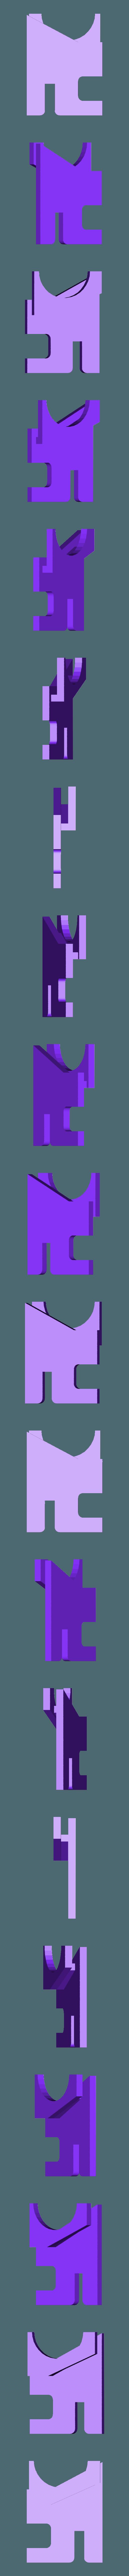 piastra_di_supporto.stl Download free STL file Alfawise U30 - Guida filamento • 3D printable object, Scigola